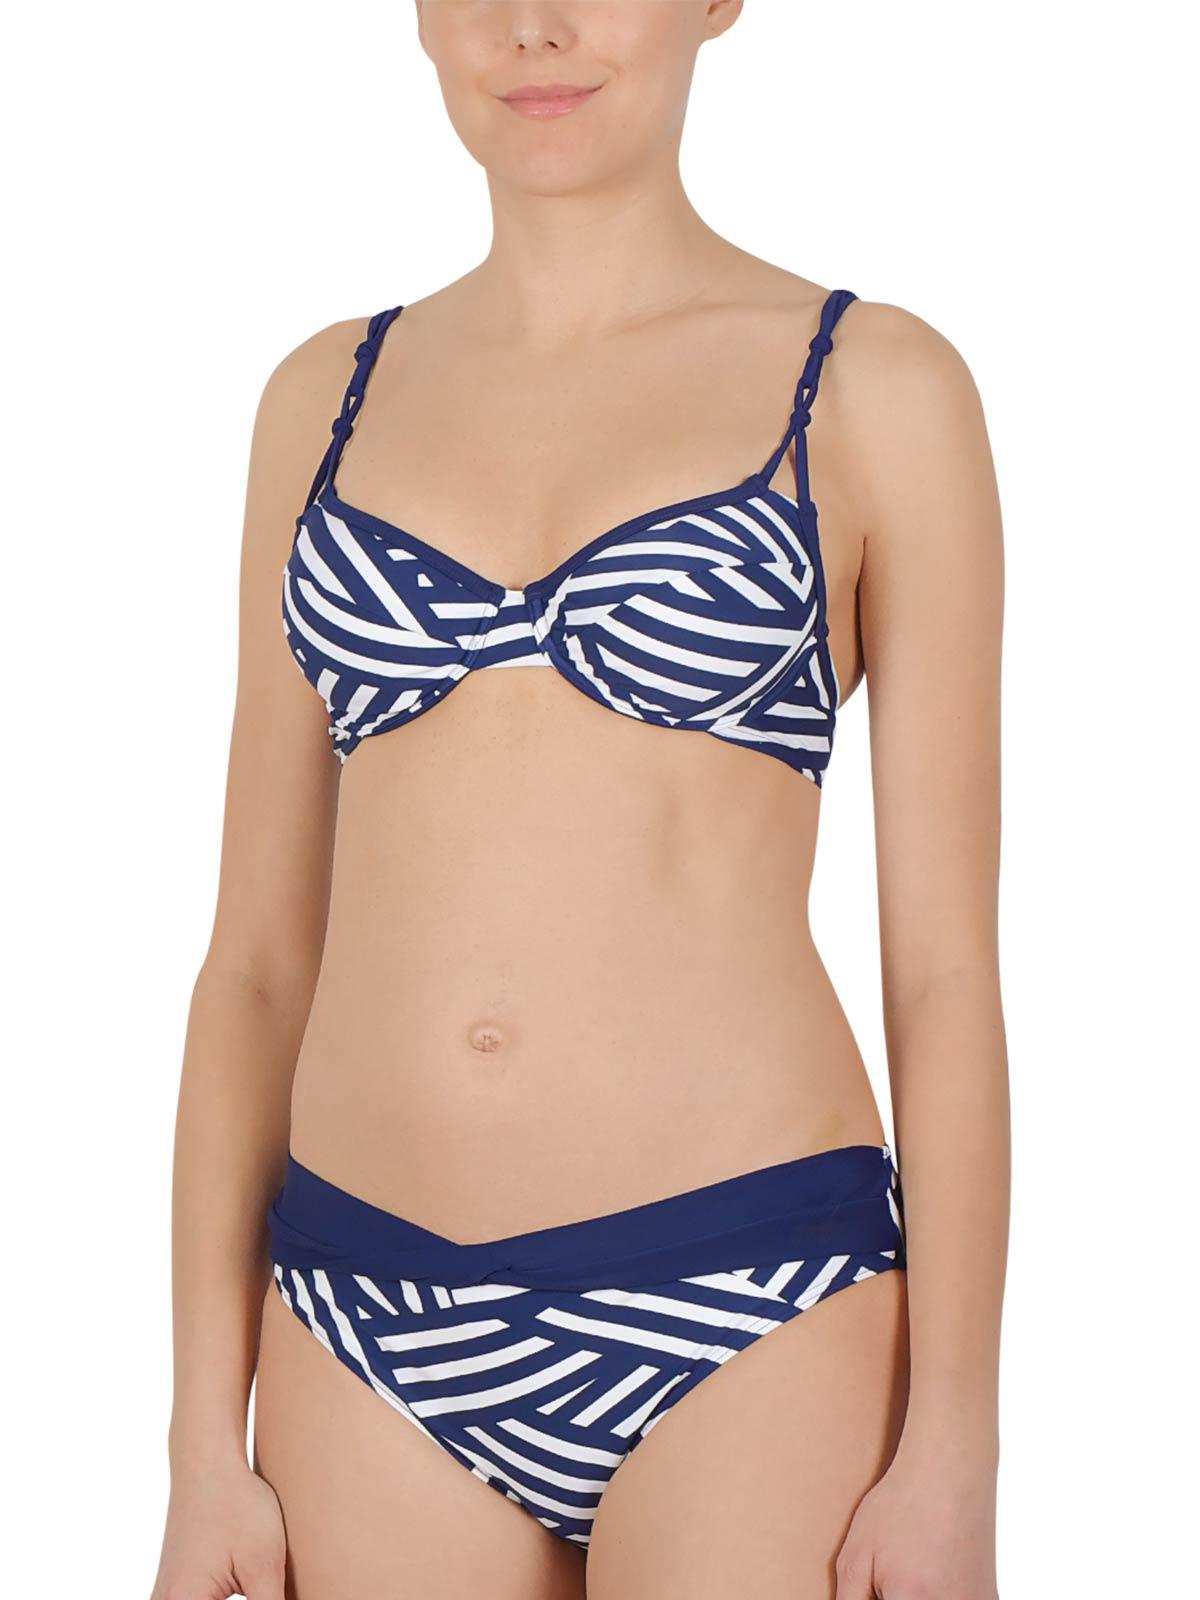 NATURANA Bügel-Bikini 72501 Gr. 36-46 B-E